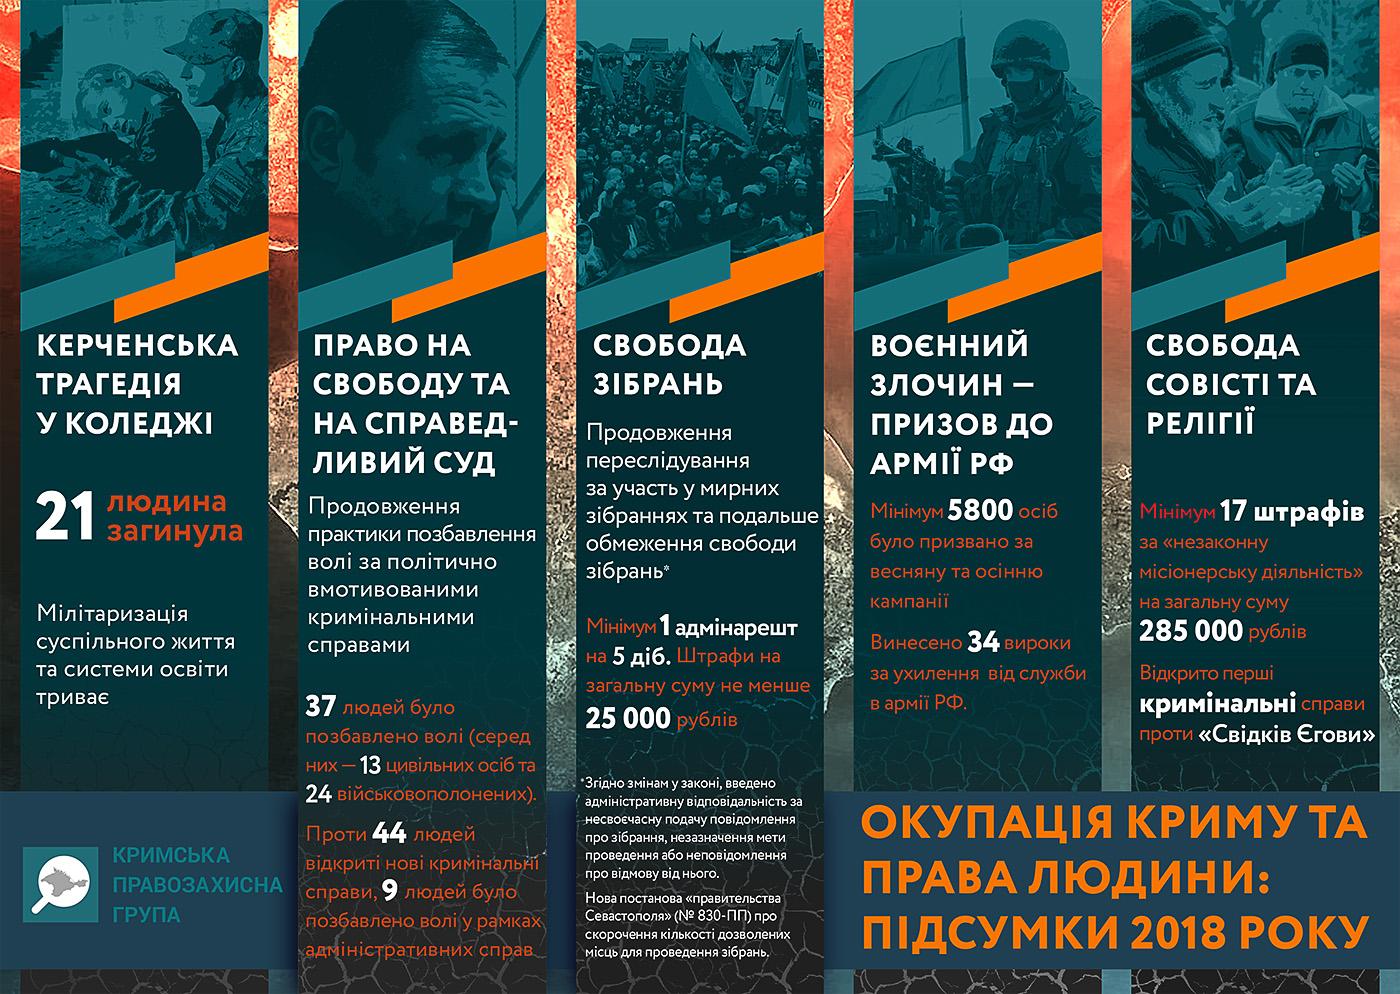 Оккупация Крыма и права человека — итоги 2018